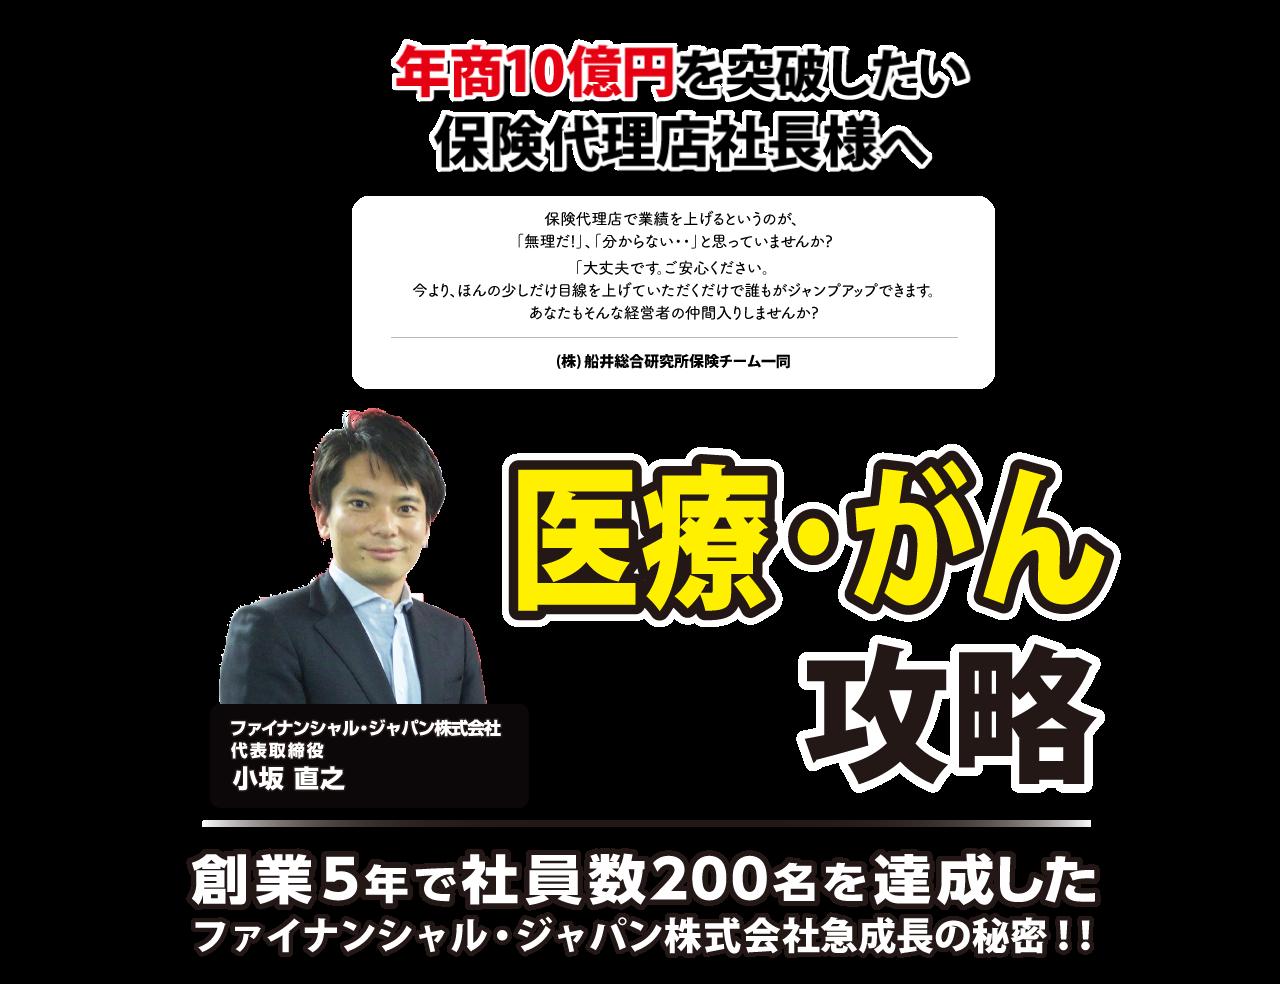 第3分野攻略 創業5年で売上20億を達成したファイナンシャル・ジャパン株式会社急成長の秘密!!